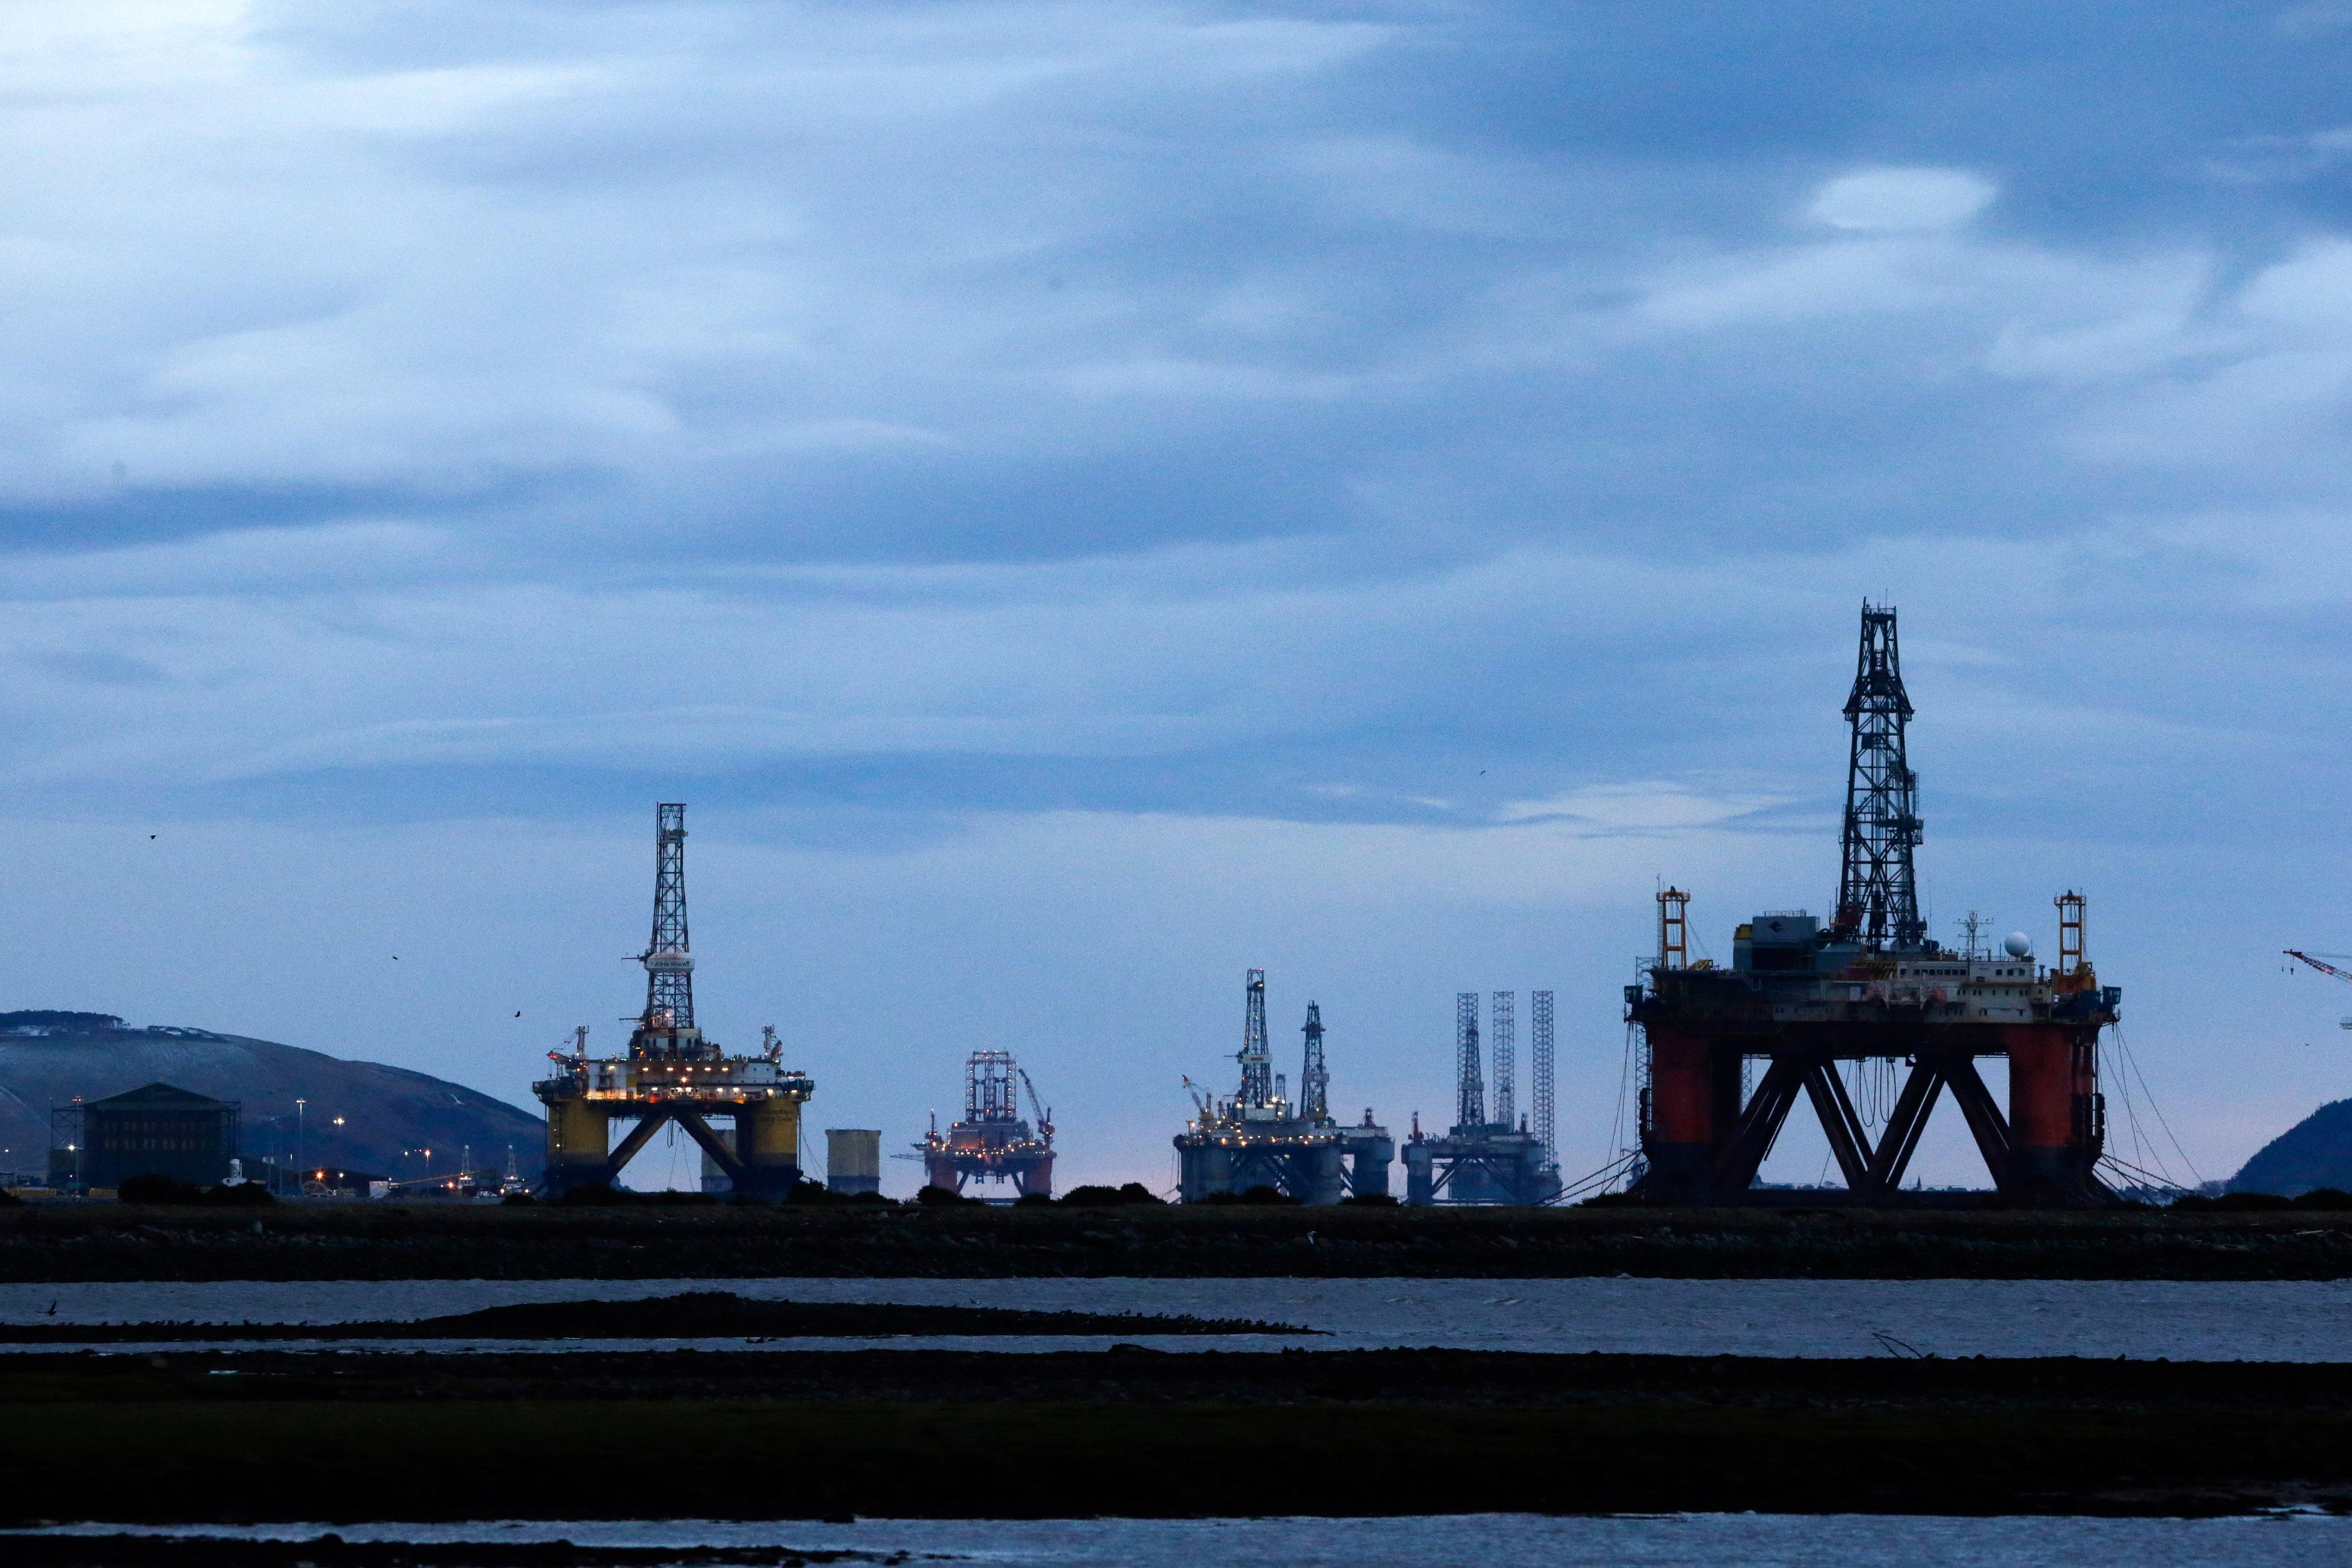 Fuerte aumento del precio del petróleo